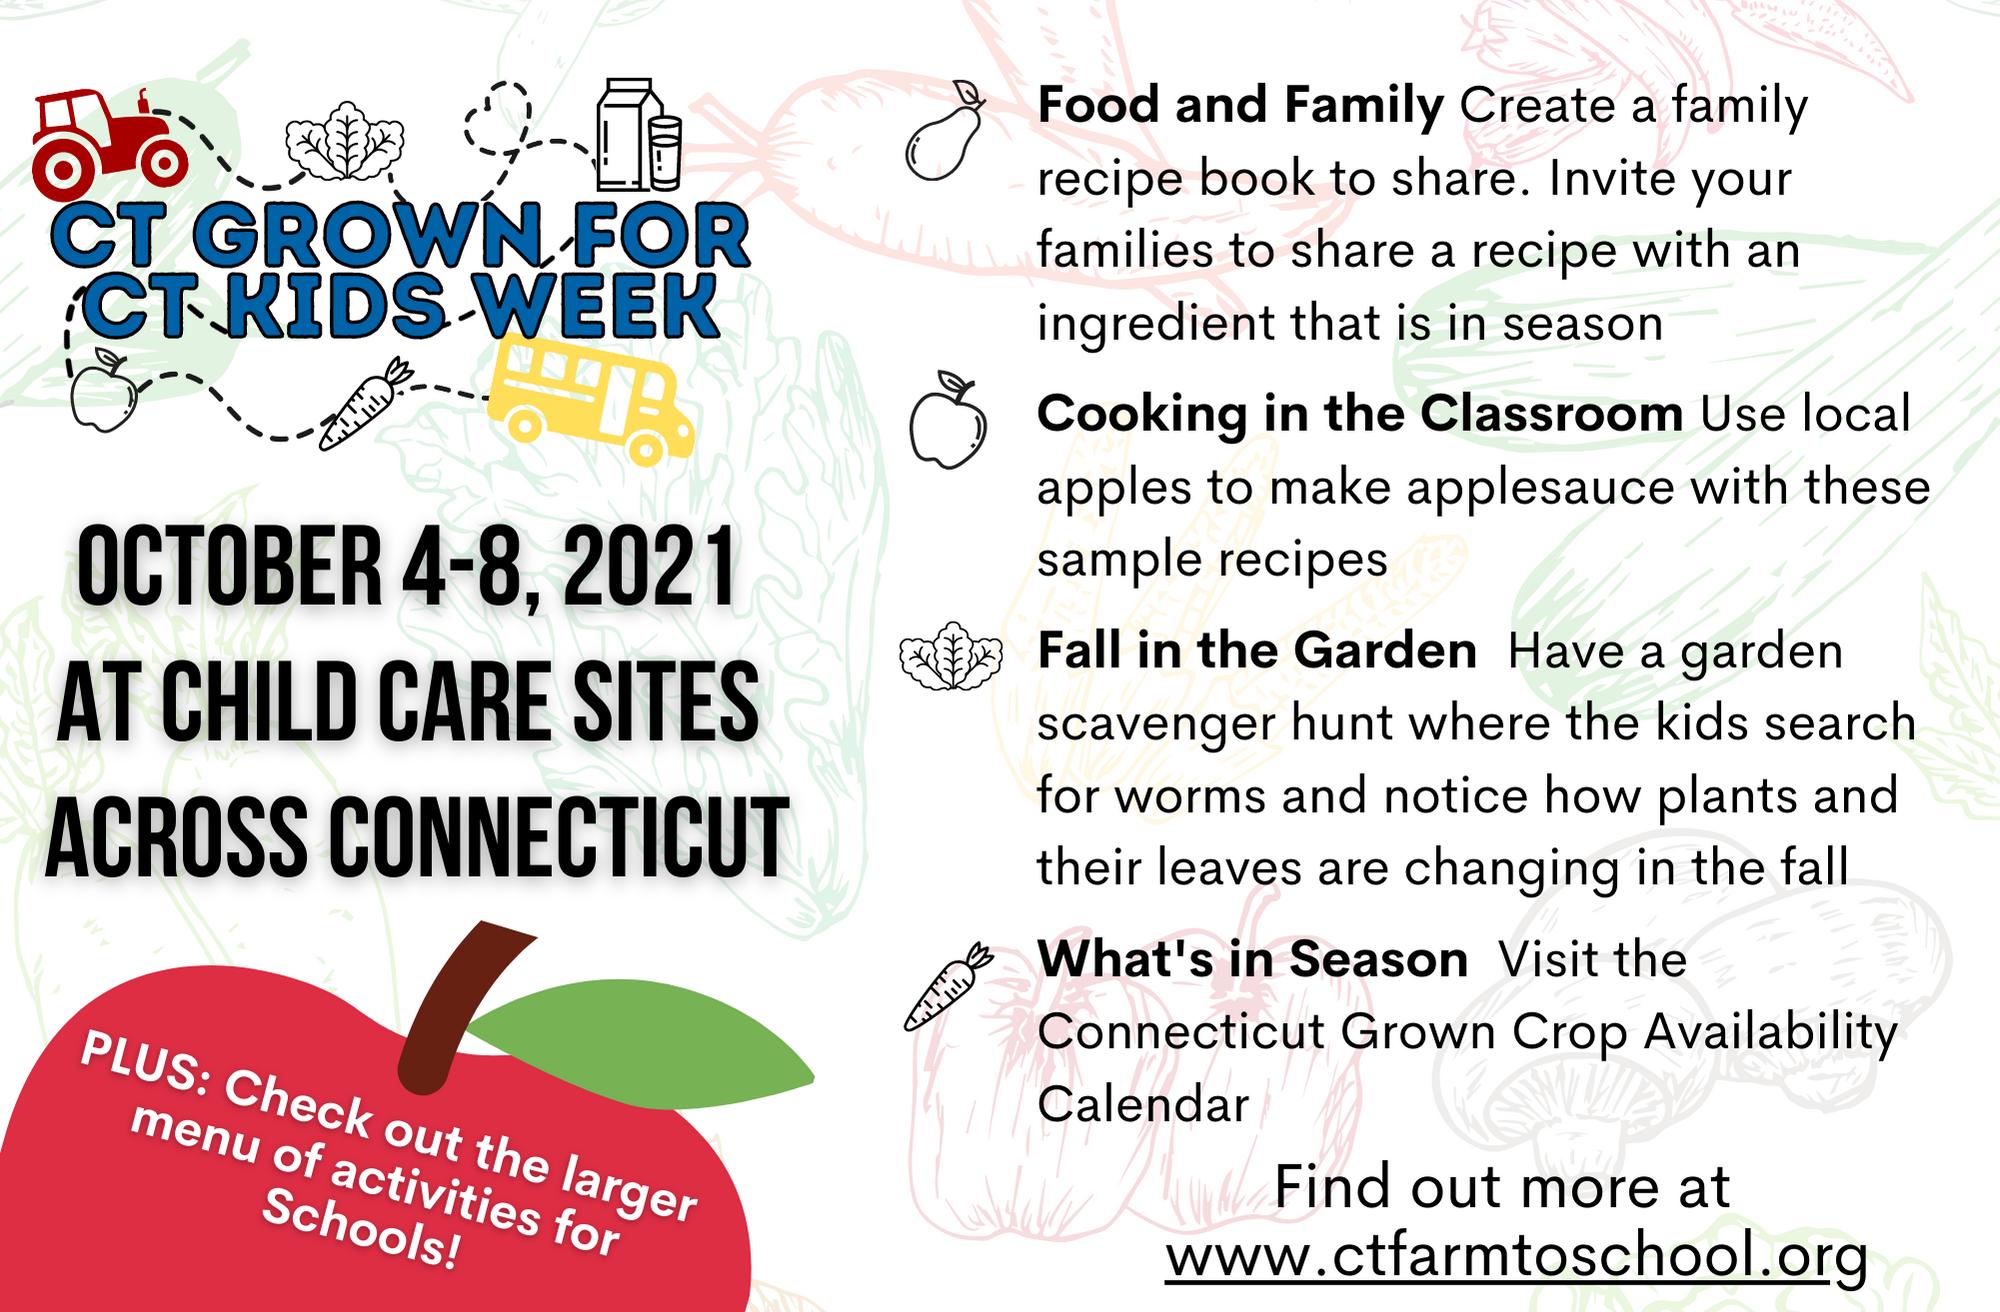 CT Grown For CT Kids Week menu of activities